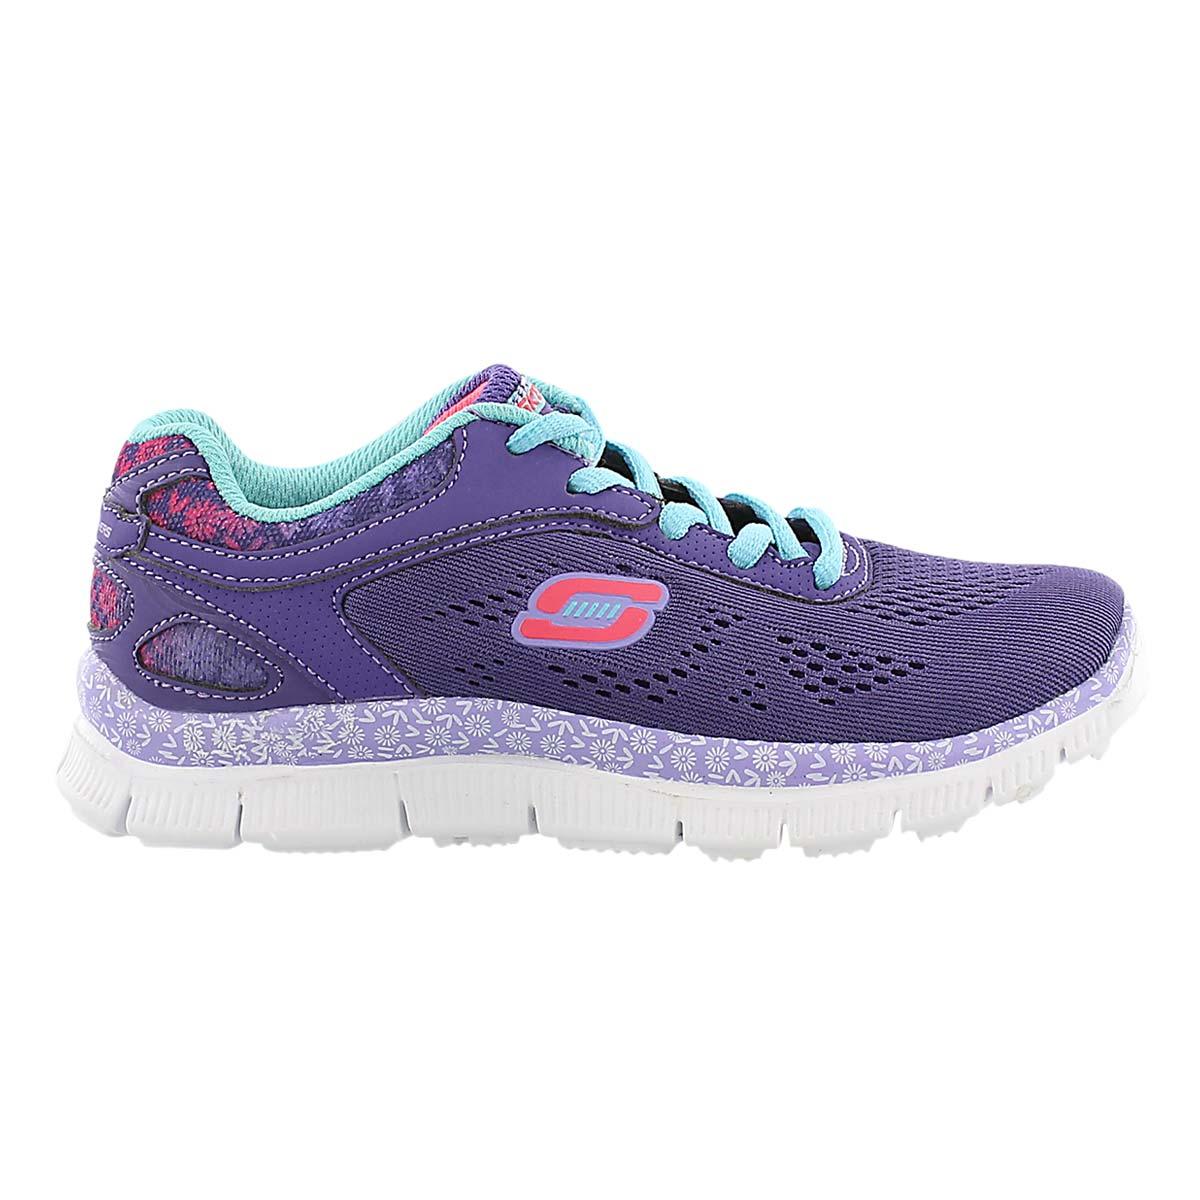 Grls Island Style purple lace up sneaker